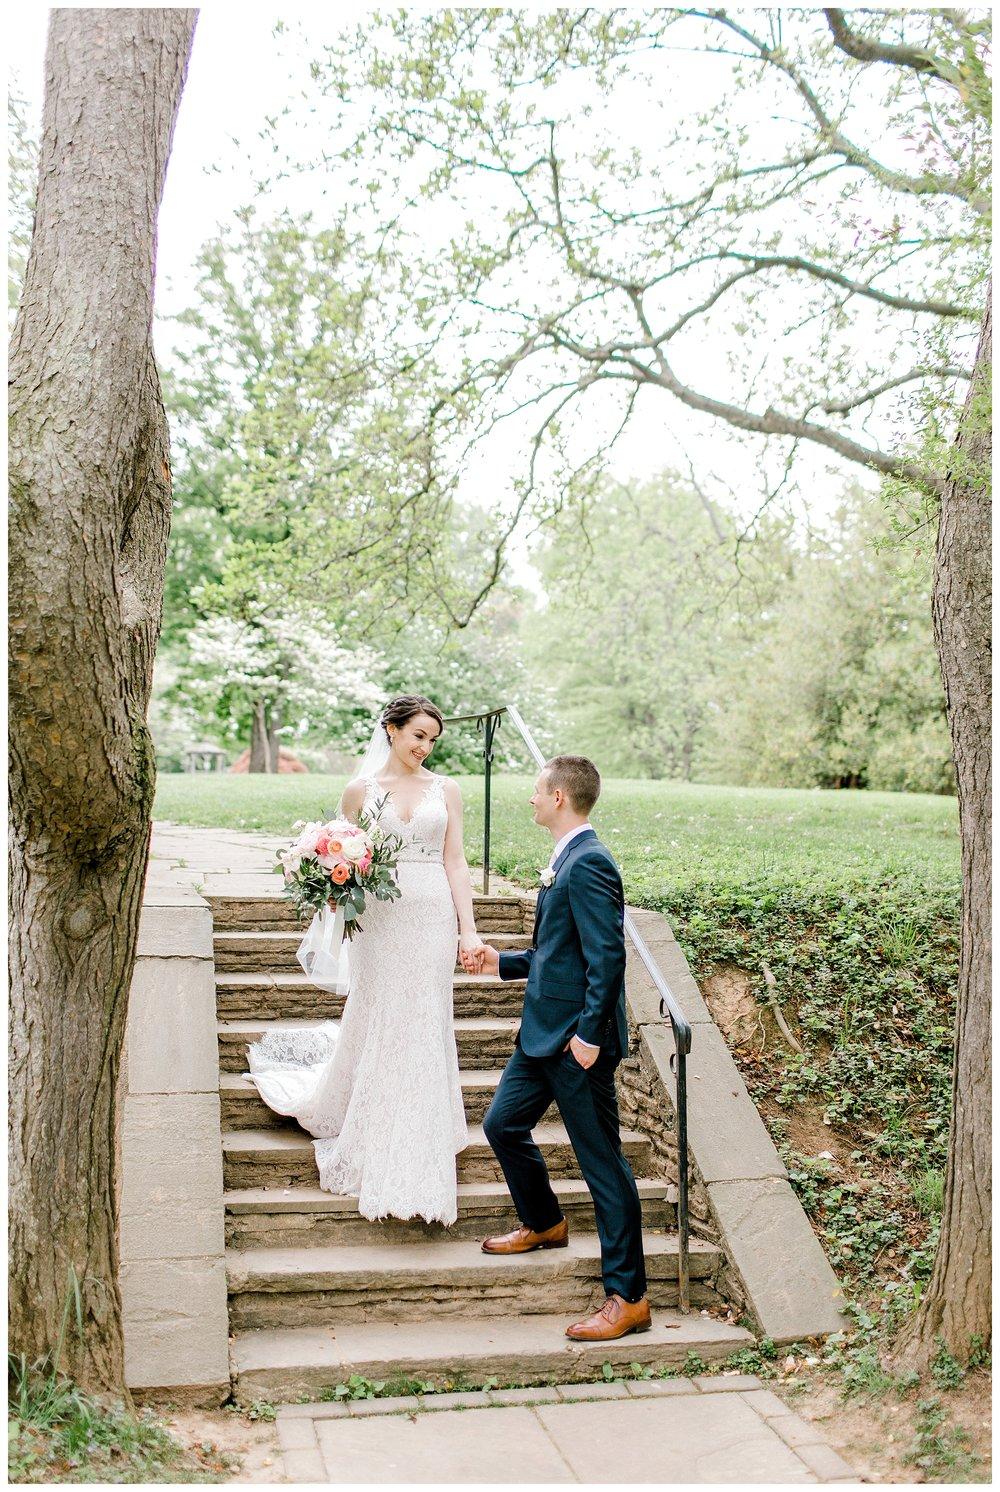 Woodend Nature Sanctuary Wedding Maryland Wedding Photographer_0054.jpg